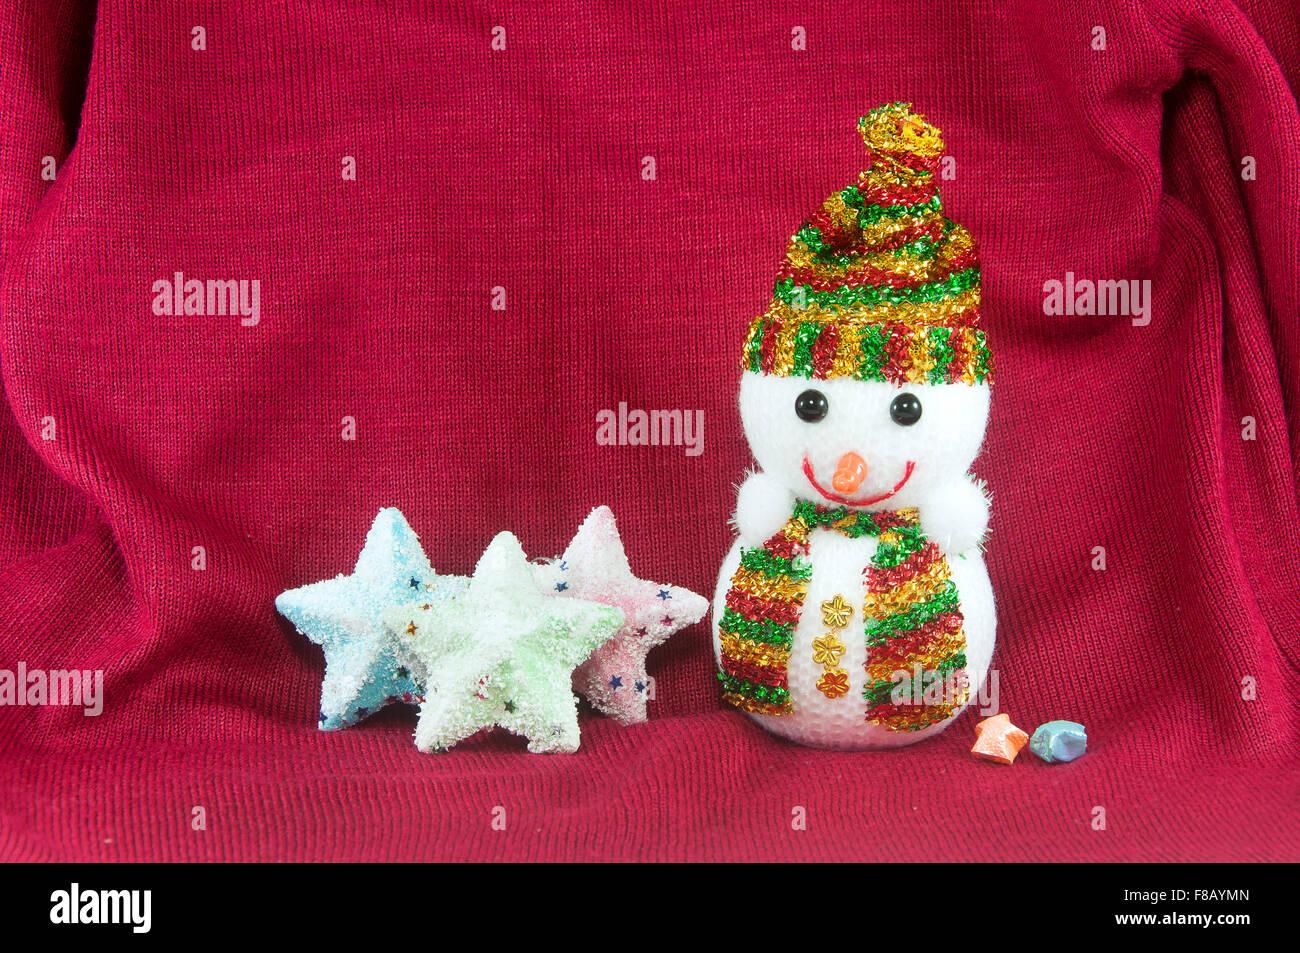 Muñeco de nieve en X-mas Imagen De Stock